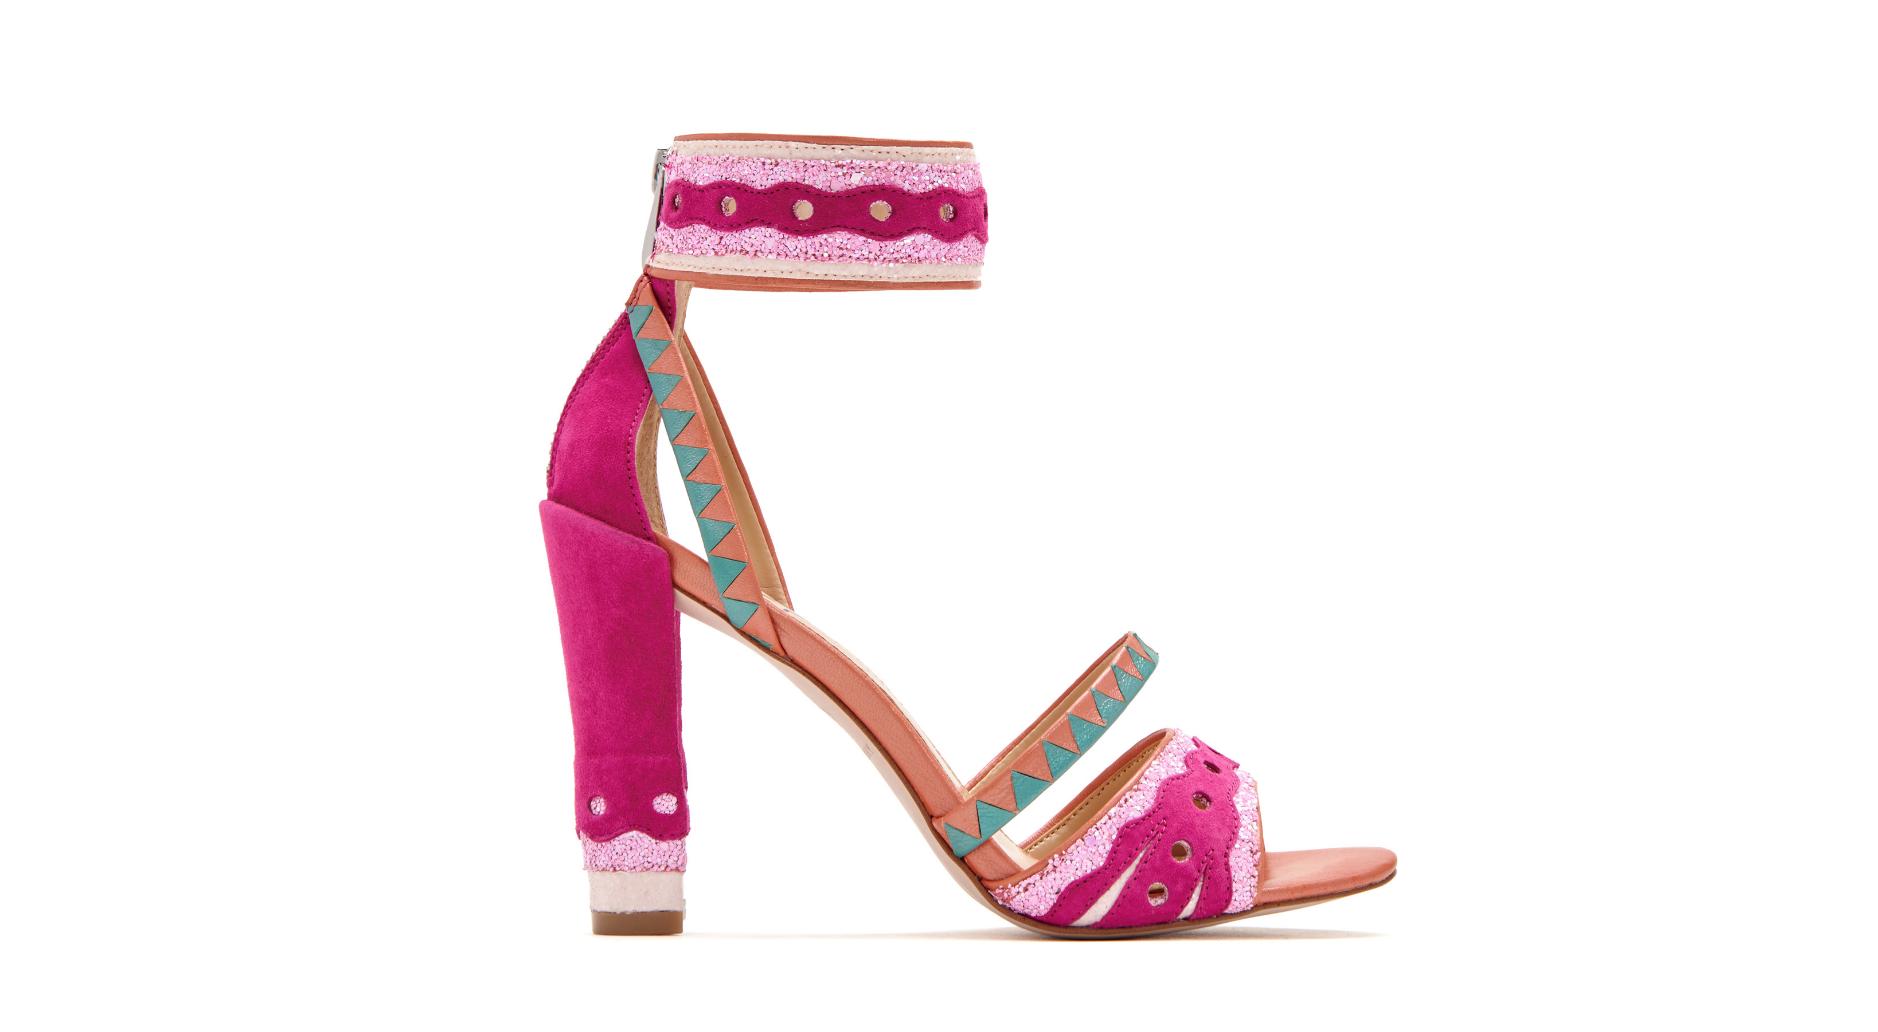 katy-perry-shoe-image